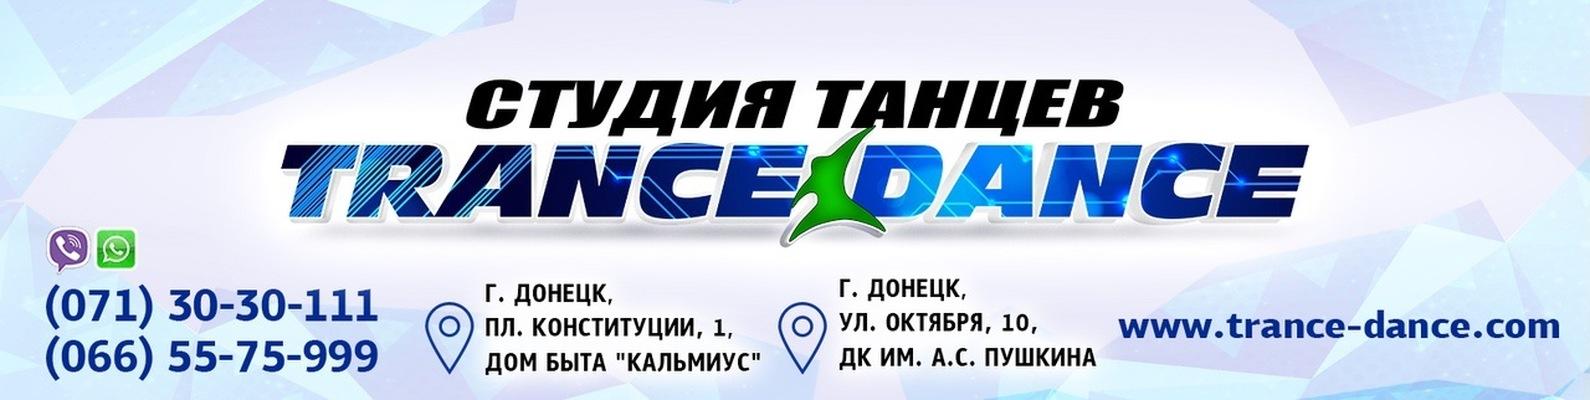 Научиться танцевать в донецке украина программы обучения скорочтению скачать бесплатно